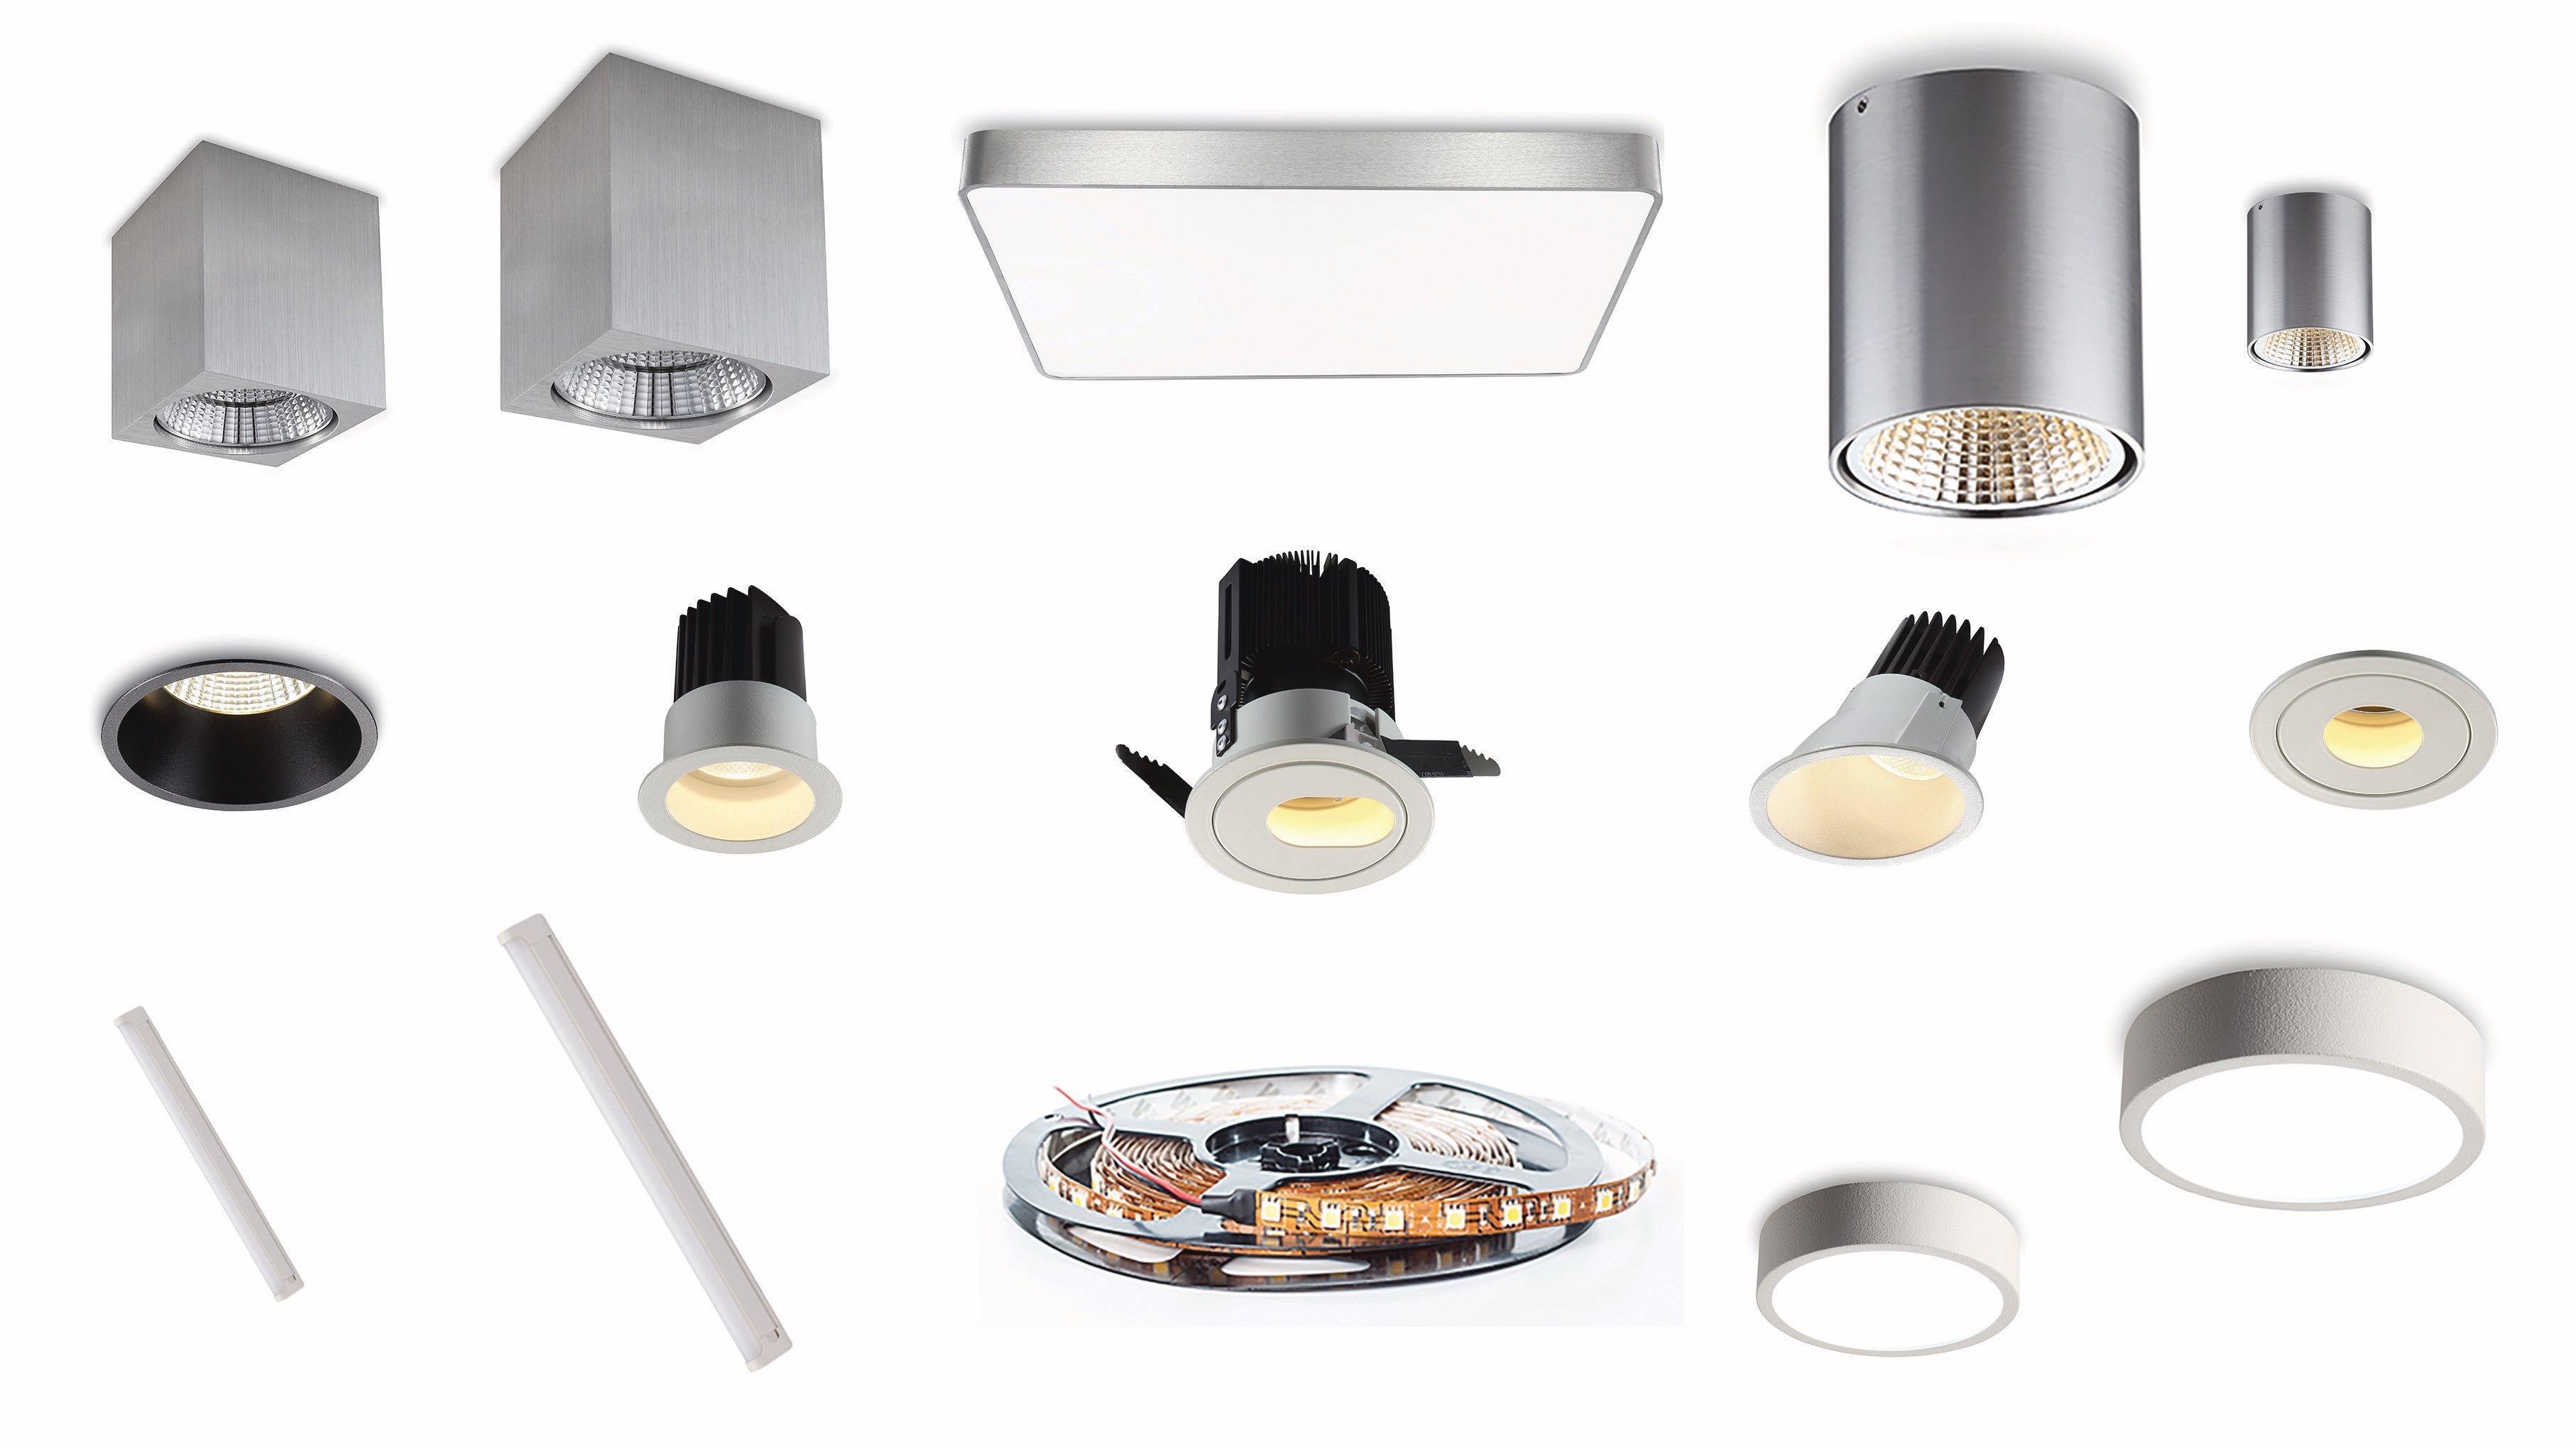 0797016fd07 LED lamper køkken og LED #køkkenspot tilbyder en lang række #LED armaturer  og løsninger